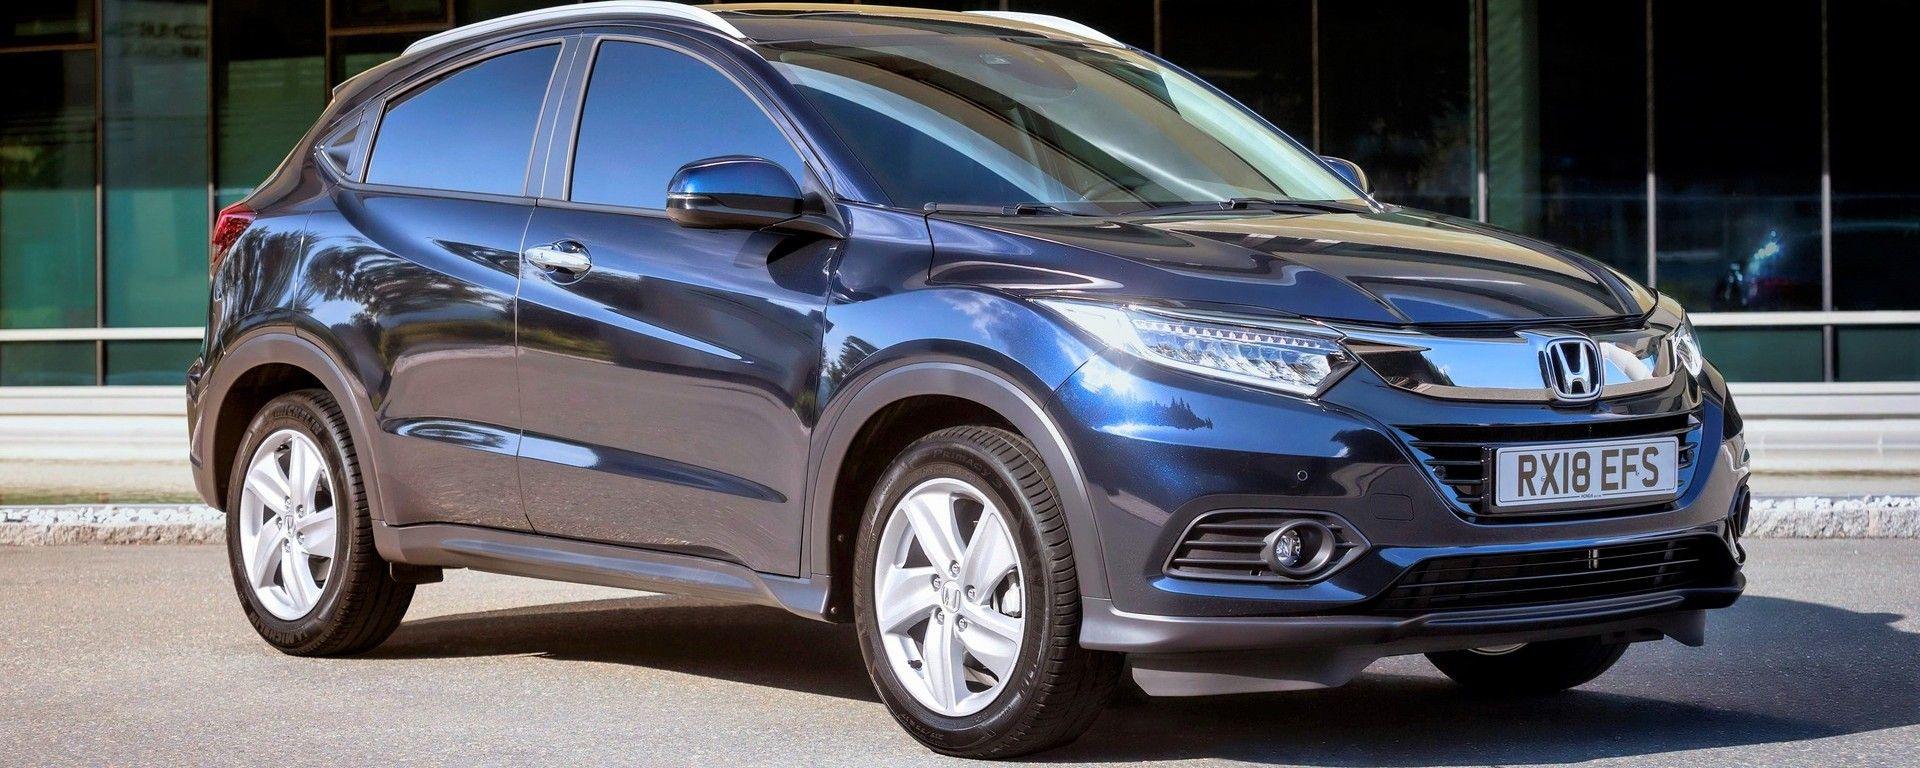 Nuova Honda HR-V 2019